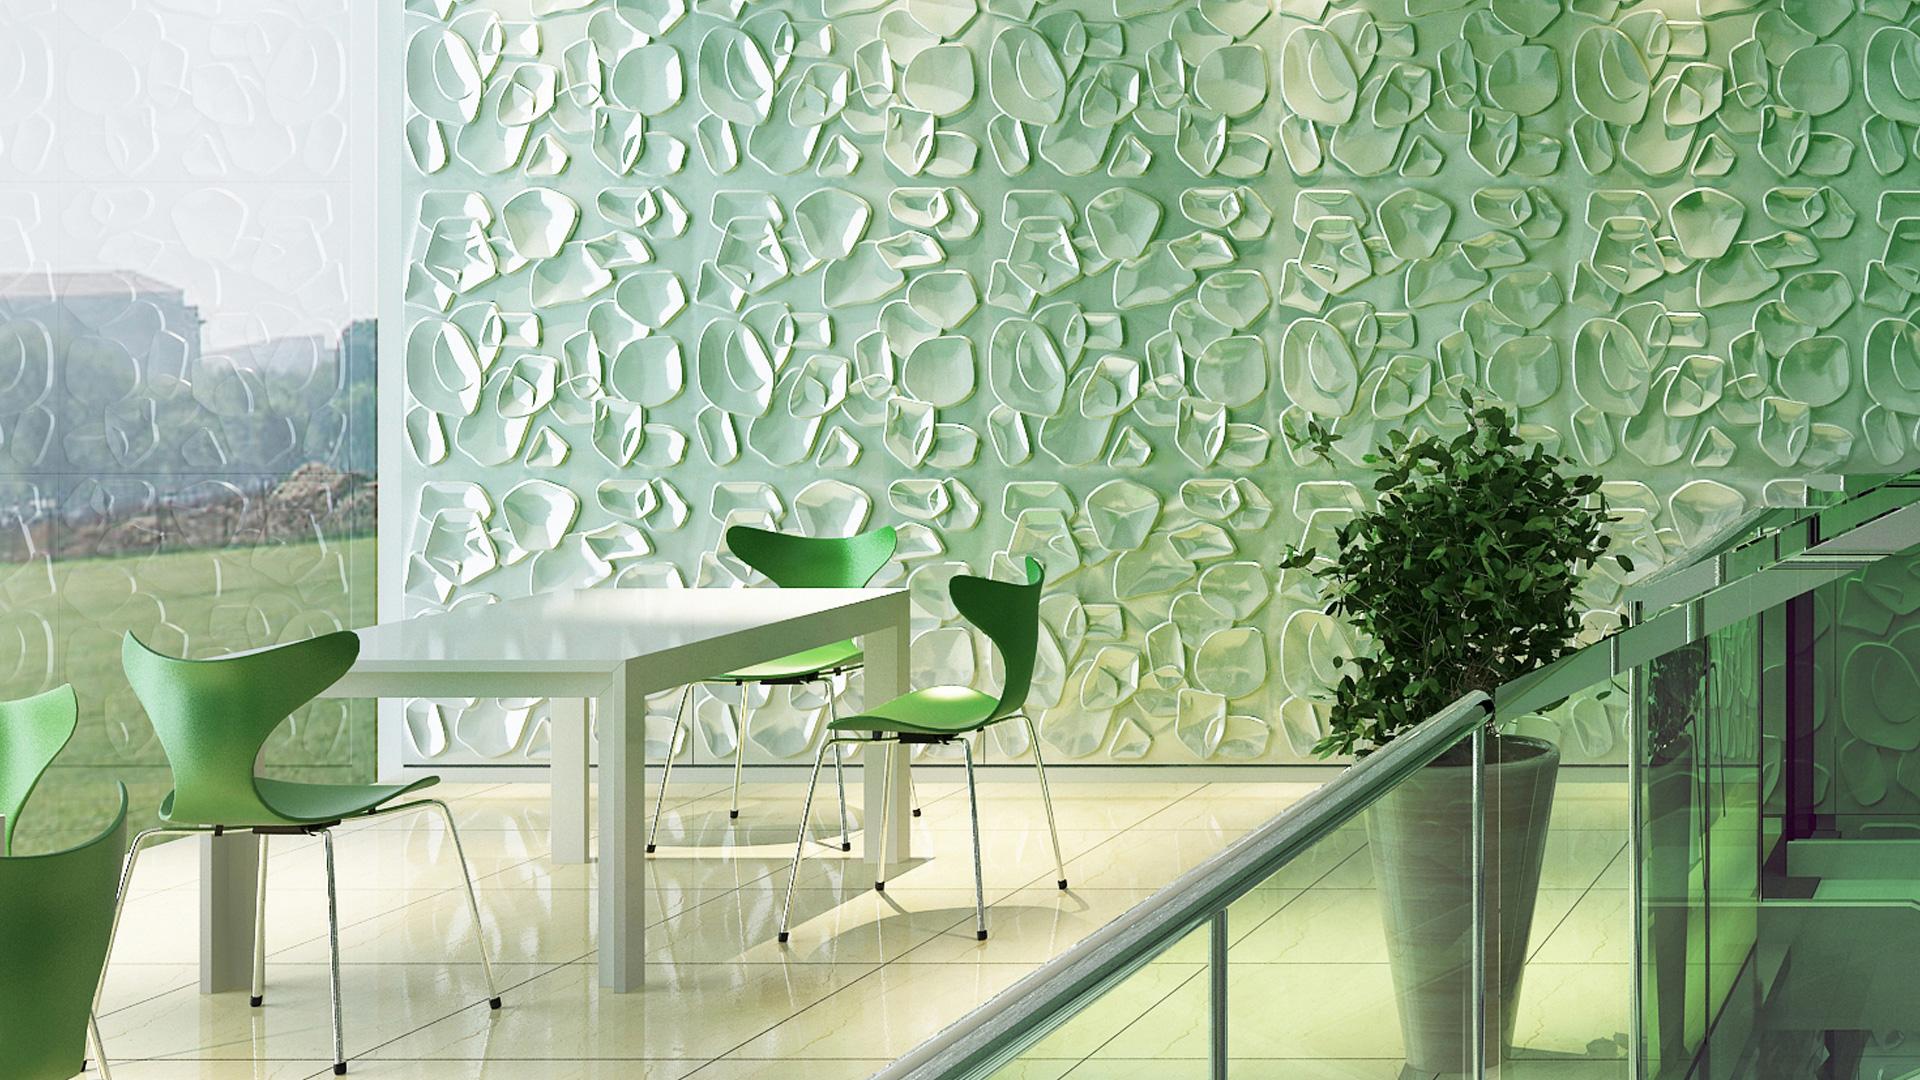 3D Wandpaneele - Produkte - Duckweed - Deckenpaneele - 3D Tapeten - Wandverkleidung